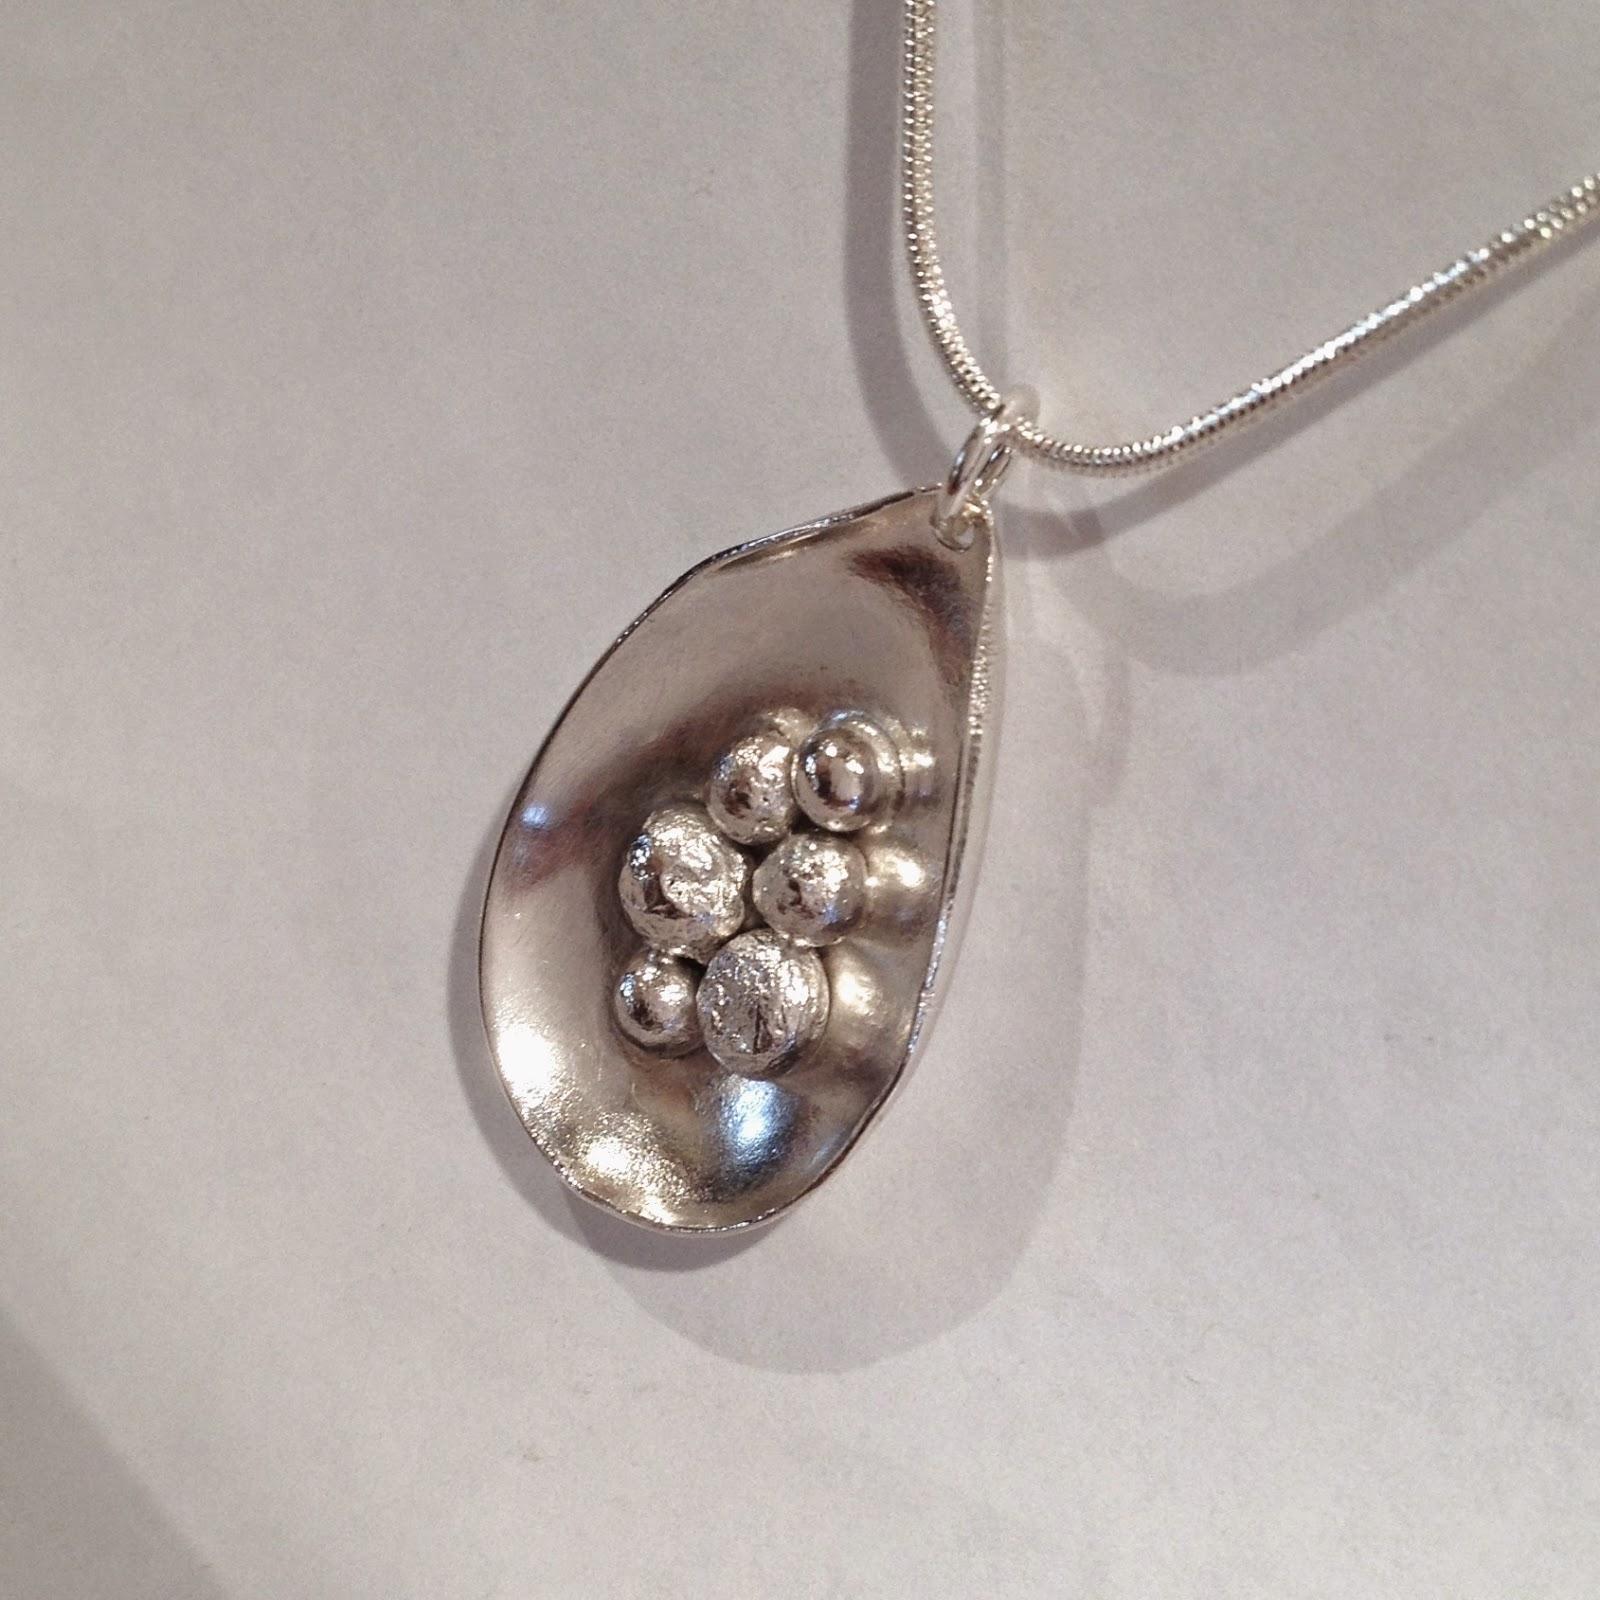 Halssmycke i äkta silver. Längd utan ögla  35 mm. 425 - + ev porto (kedja  ingår ej) (SÅLT!) 3cb16fa4a8e6b